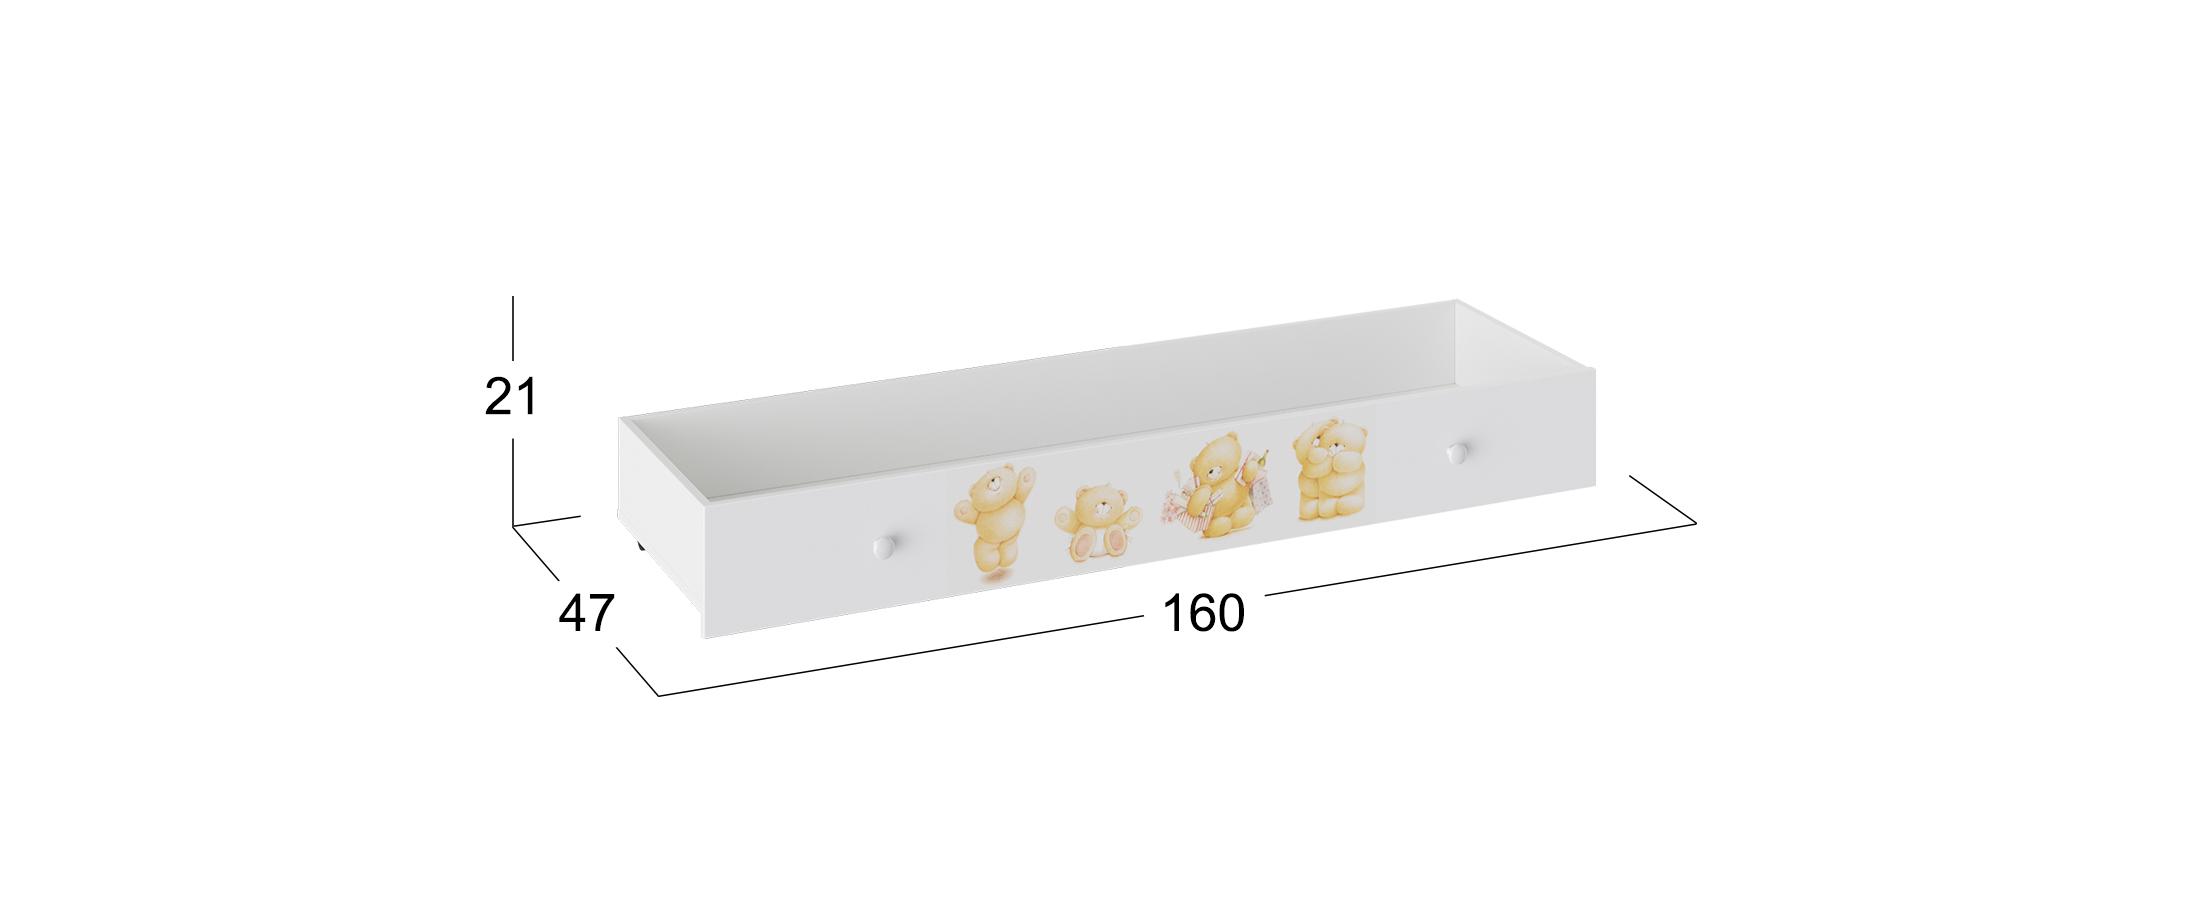 Ящик к кровати Тедди модель 931Купить набор уютной и комфортной детской мебели в интернет магазине MOON TRADE. Спальное место 80х160 см. Быстрая доставка, вынос упаковки, гарантия! Выгодная покупка!<br><br>Ширина см: 160<br>Глубина см: 47<br>Высота см: 21<br>Цвет: Белый